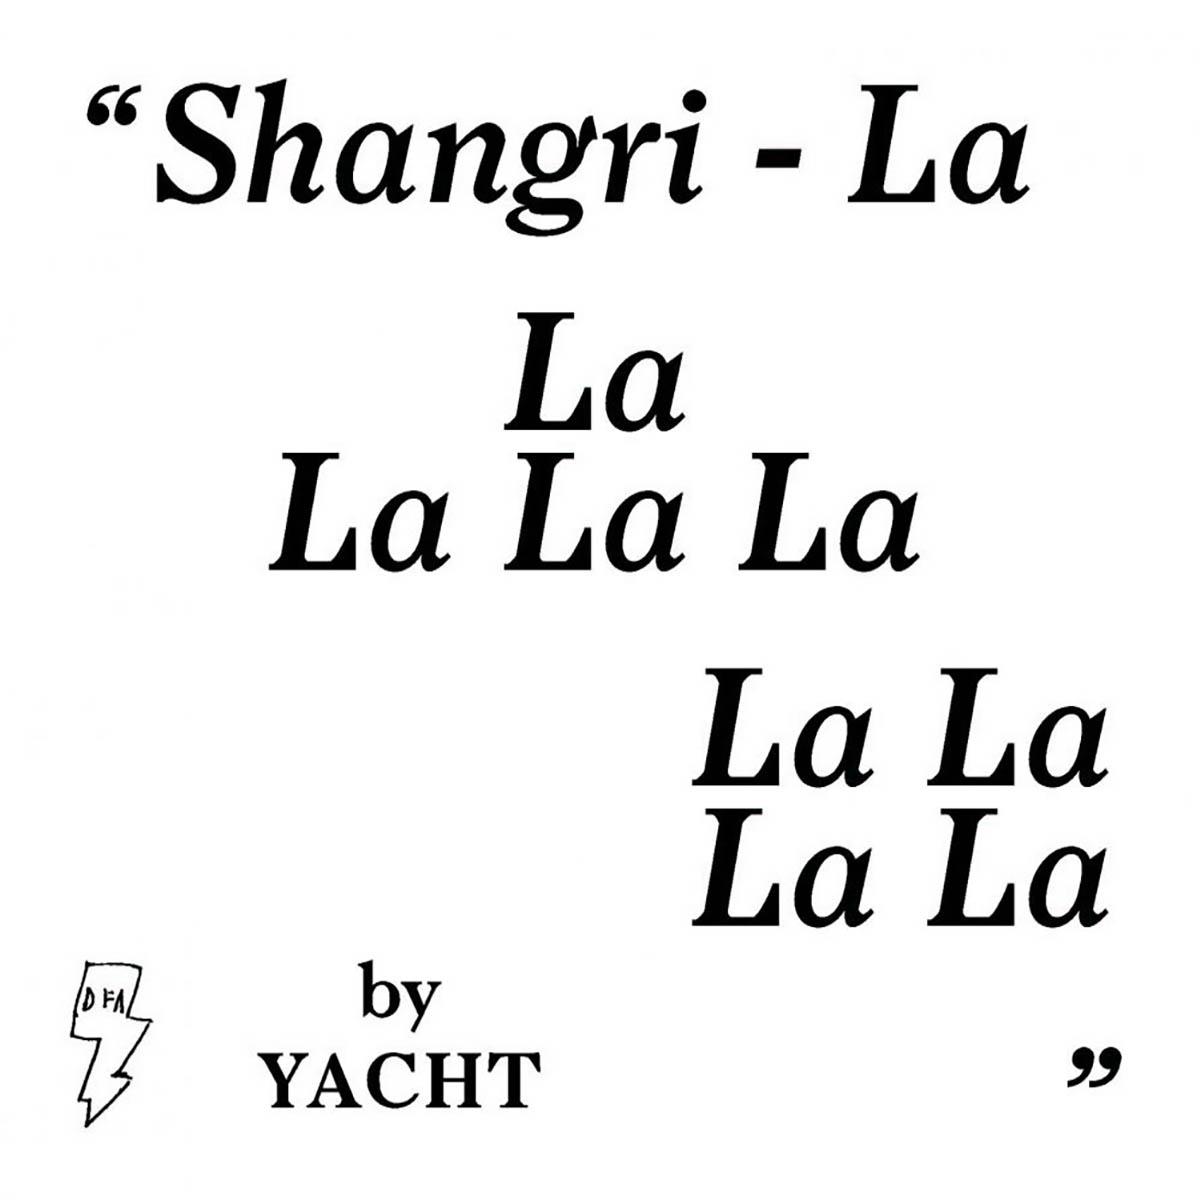 YACHT, Shangri-La